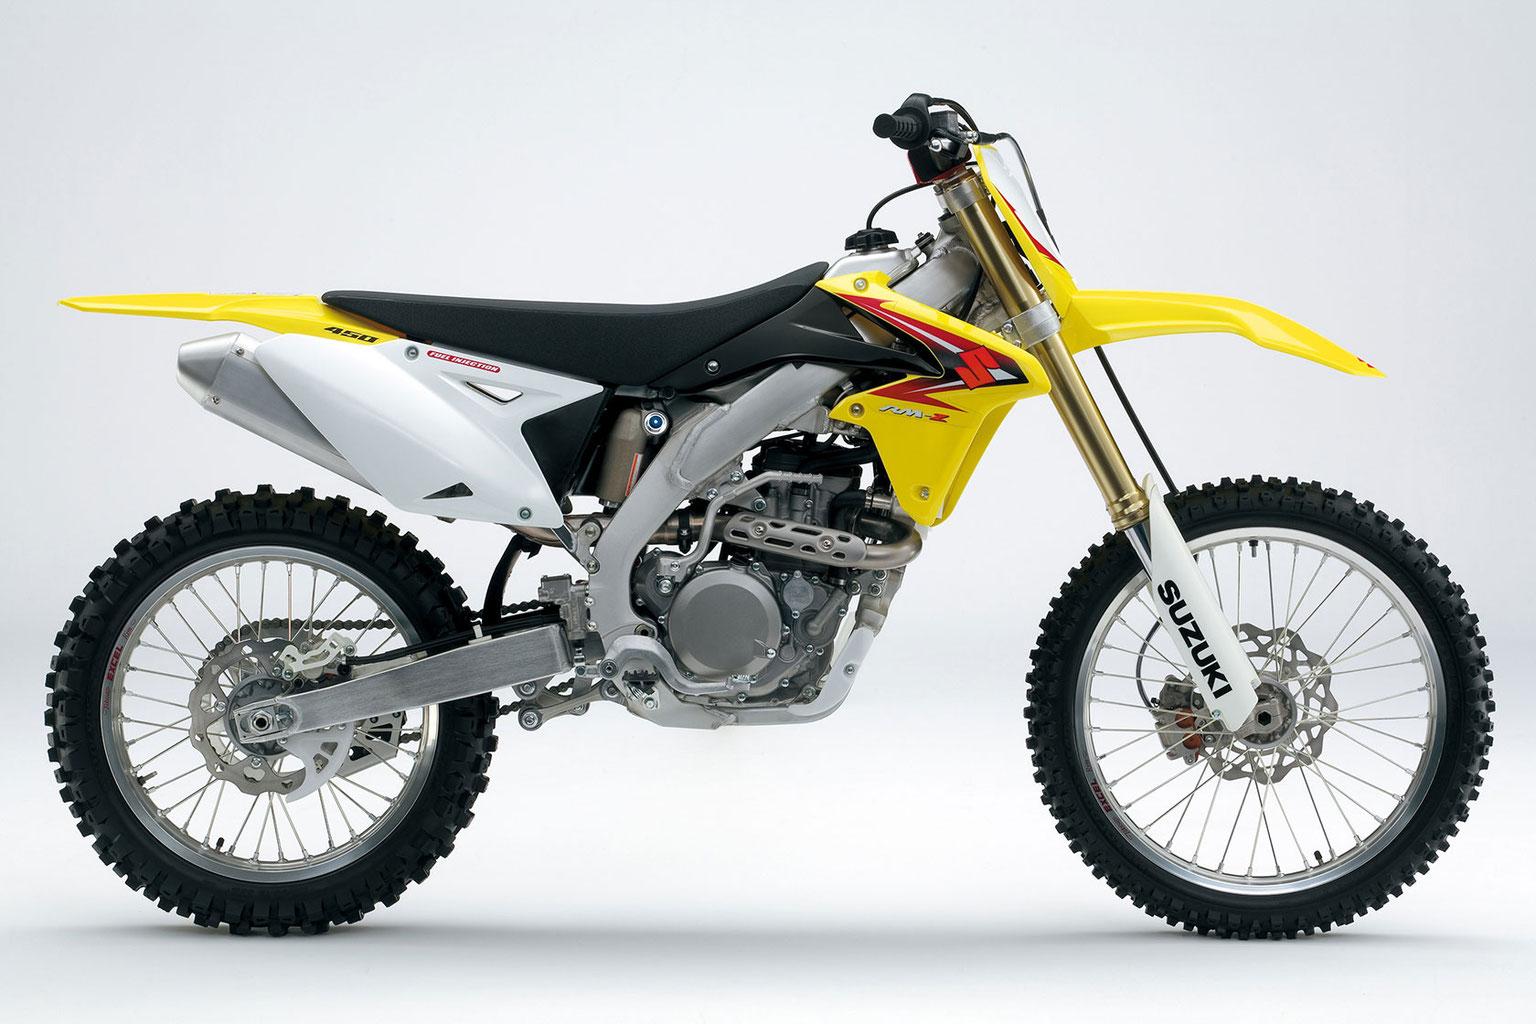 1993-2012 Auspuffdichtung f/ür Suzuki RM-250 Bj